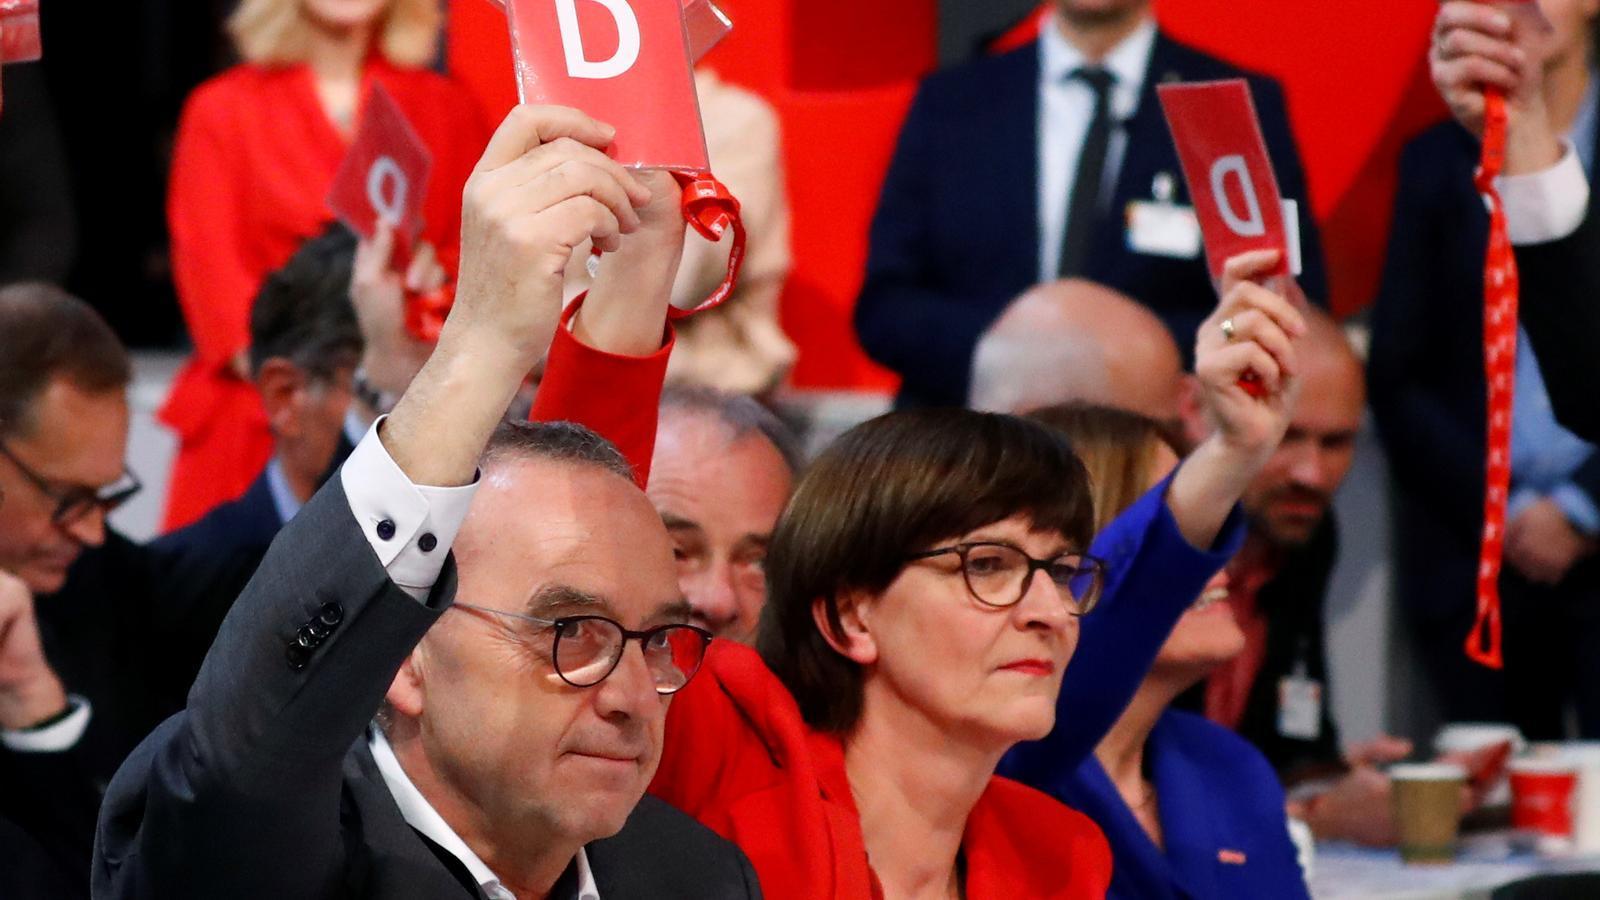 L'SPD es fa enrere i mantindrà el govern de coalició a Alemanya